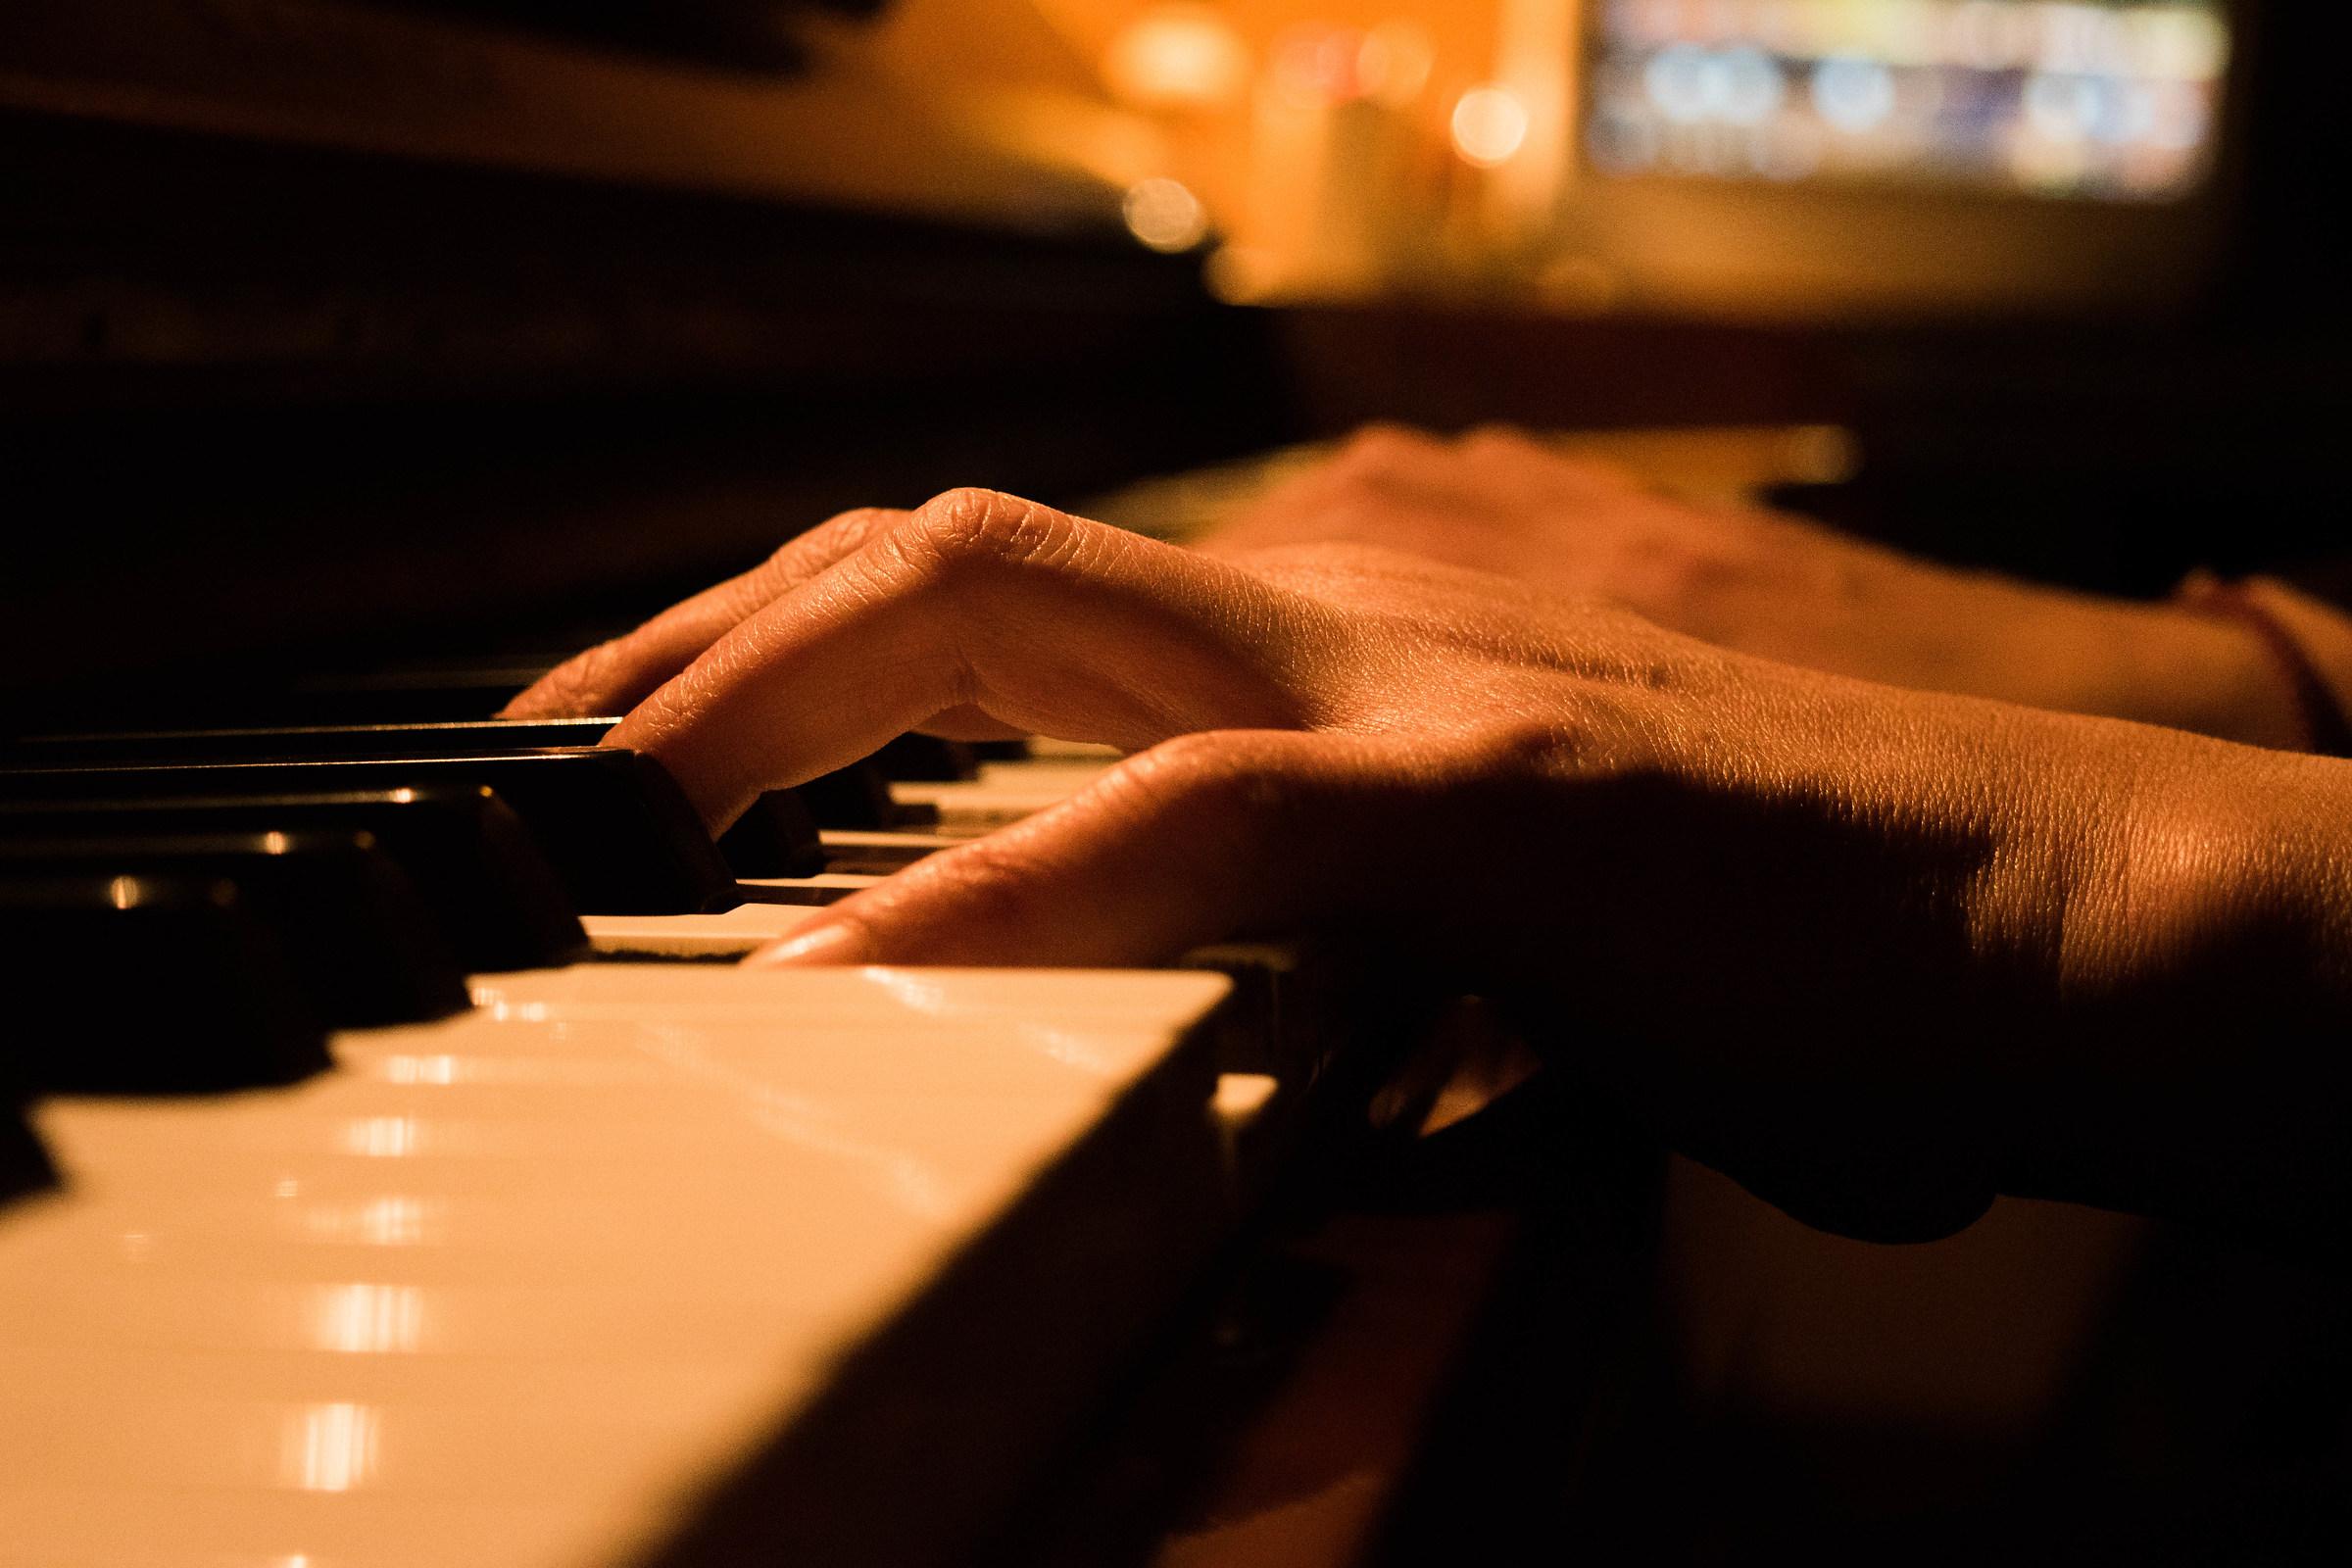 лет растёт руки пианистов фото сенсорной интеграции